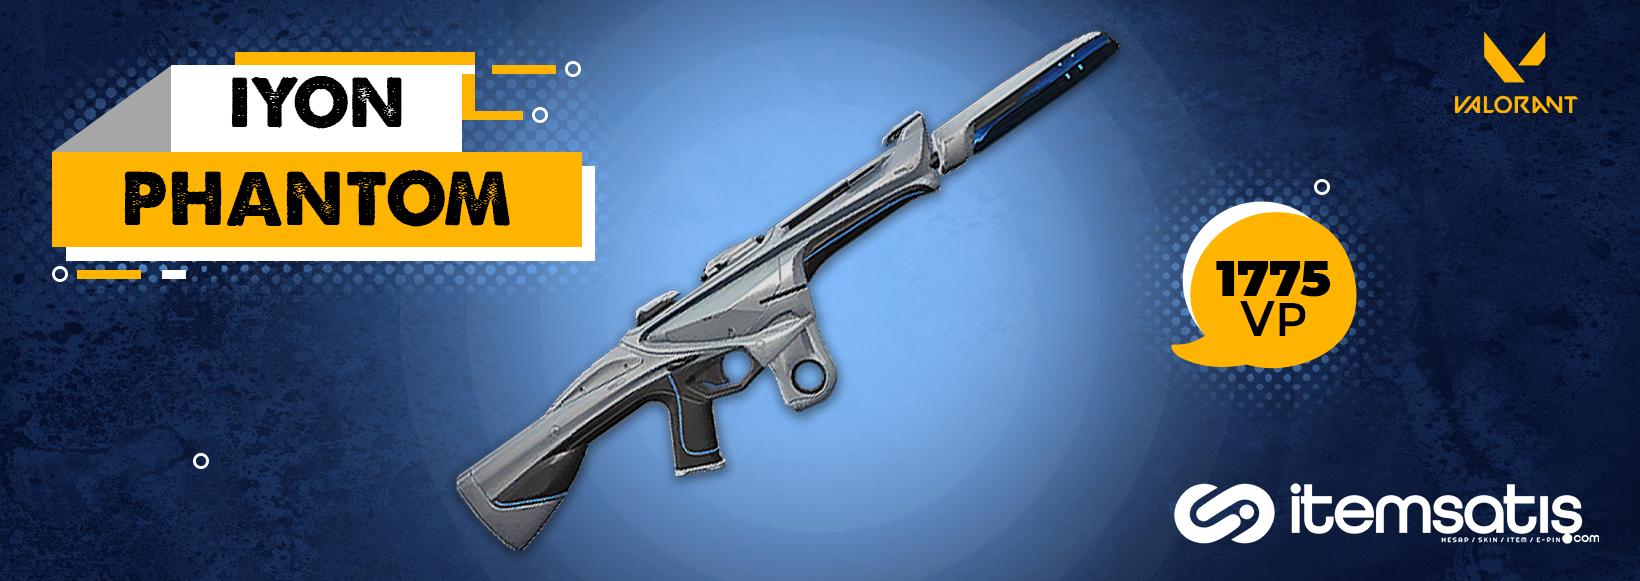 VALORANT Phantom Silahı Tüm Kaplamaları Skinleri